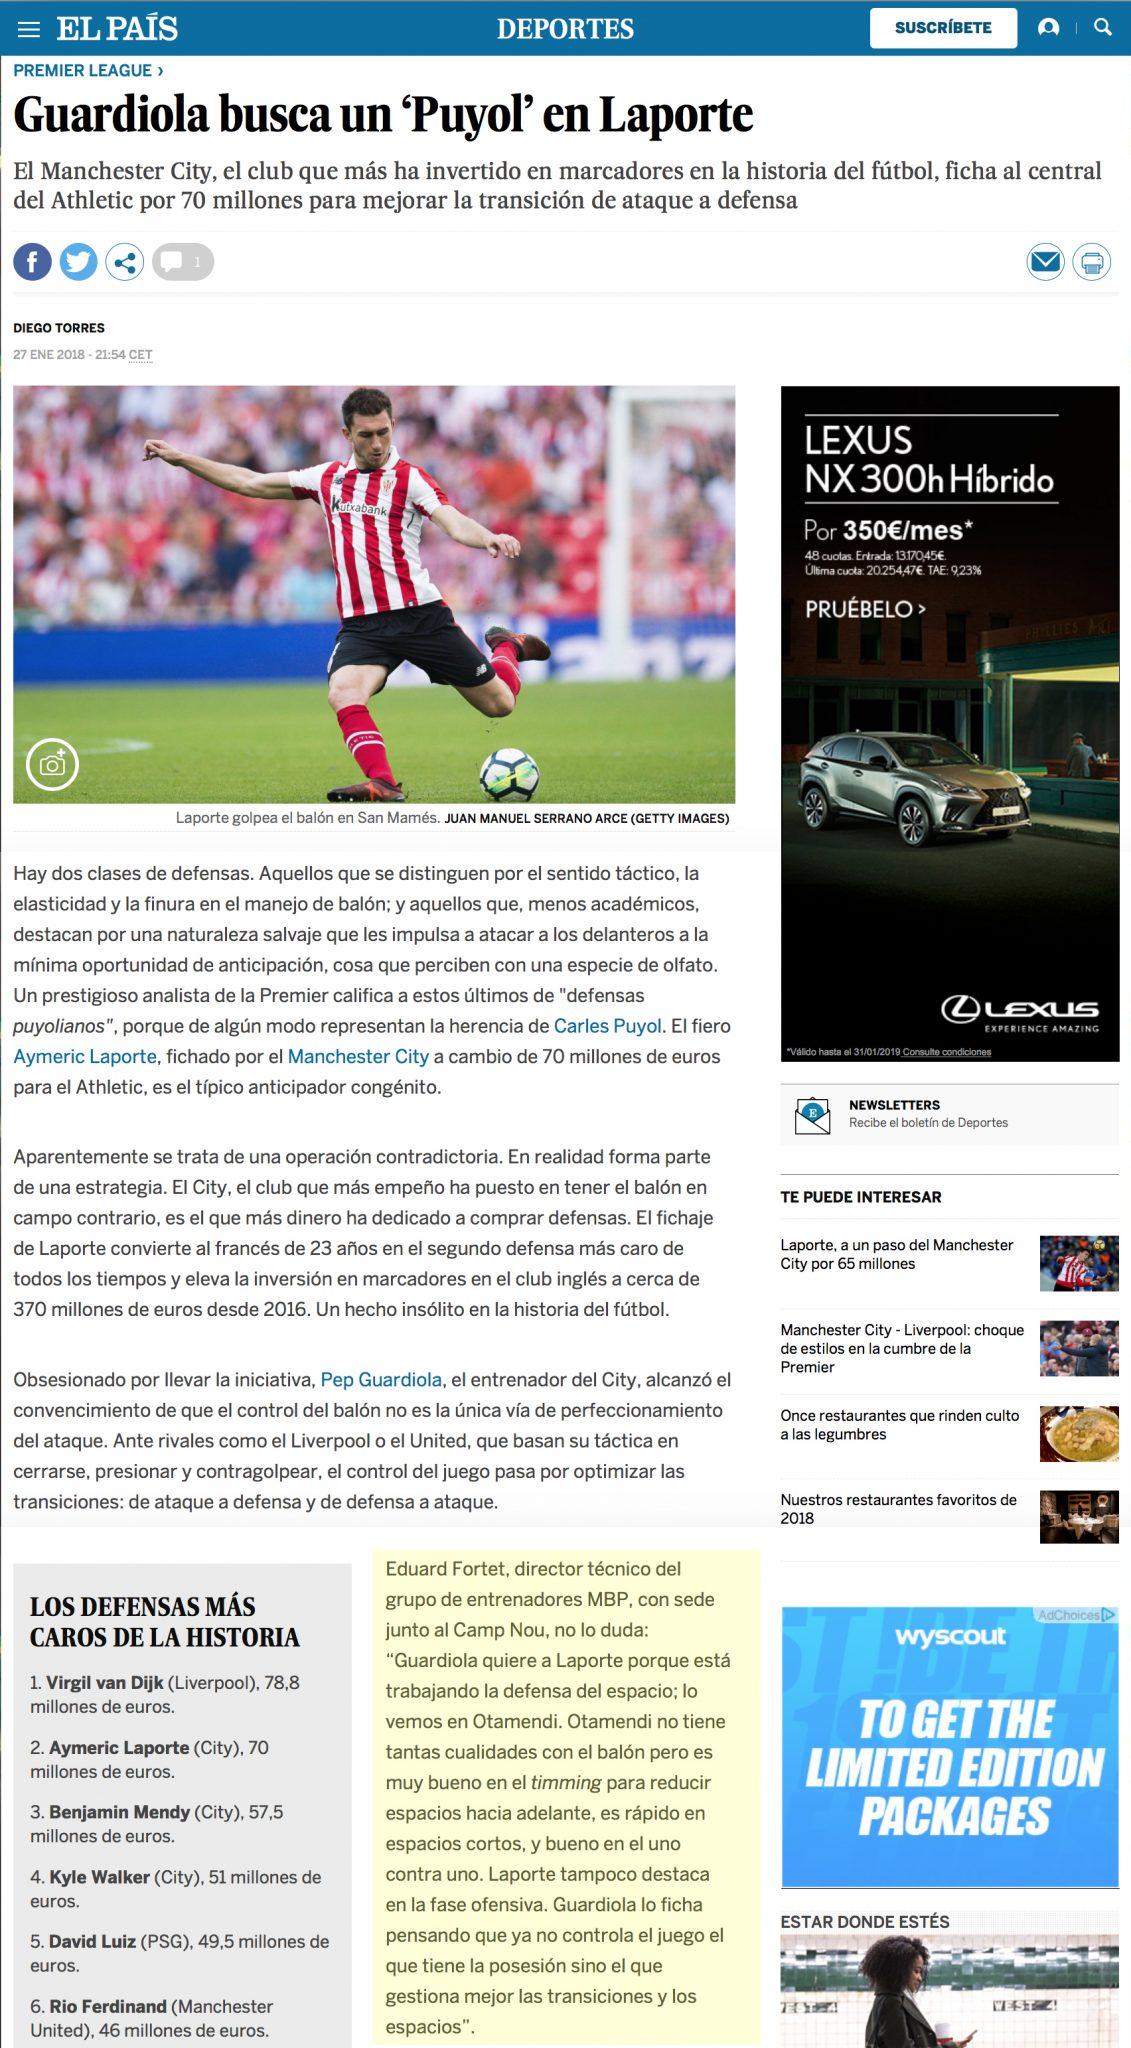 El País - Laporte el nuevo Puyol